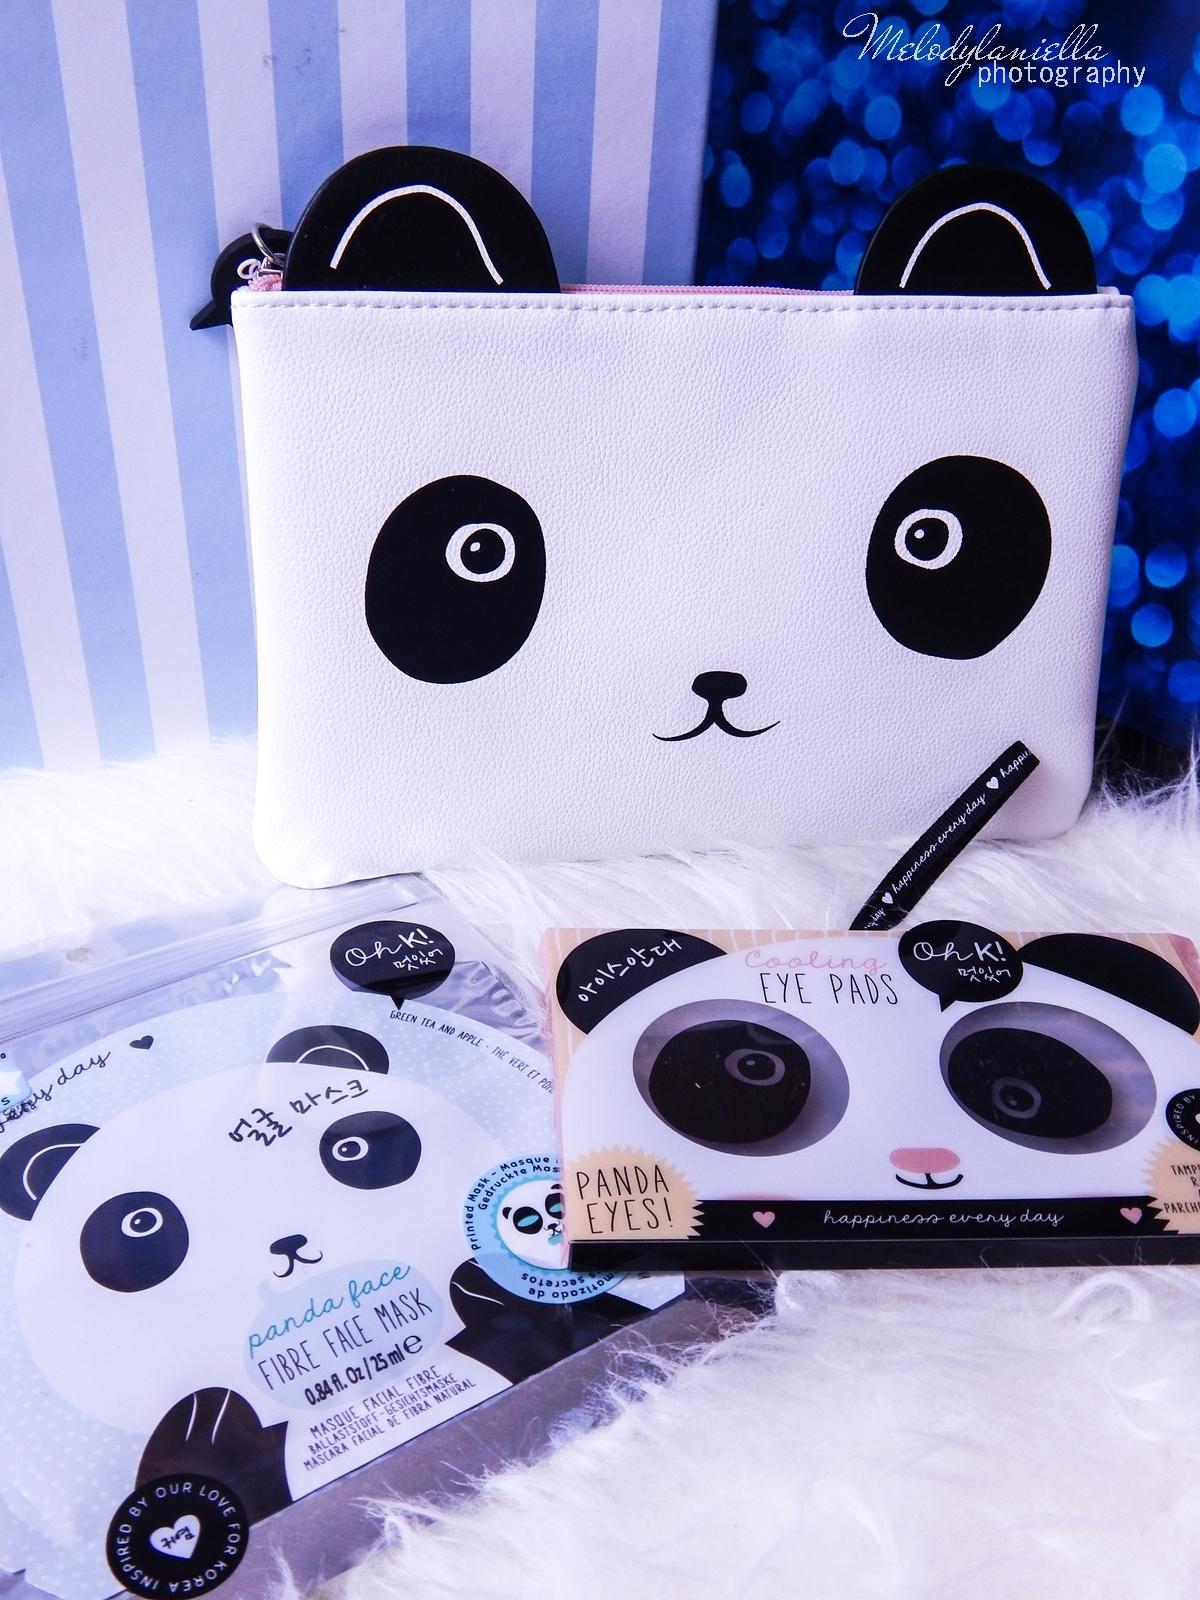 18 Oh! K Life koreańskie kosmetyki i gadżety słodkie dziewczęce dodatki maska do twarzy panda kosmetyczka w kształcie pandy lodowe płatki chłodzące okłady na oczy przeciw sińcom jak pozbyć się sińców pod oczami